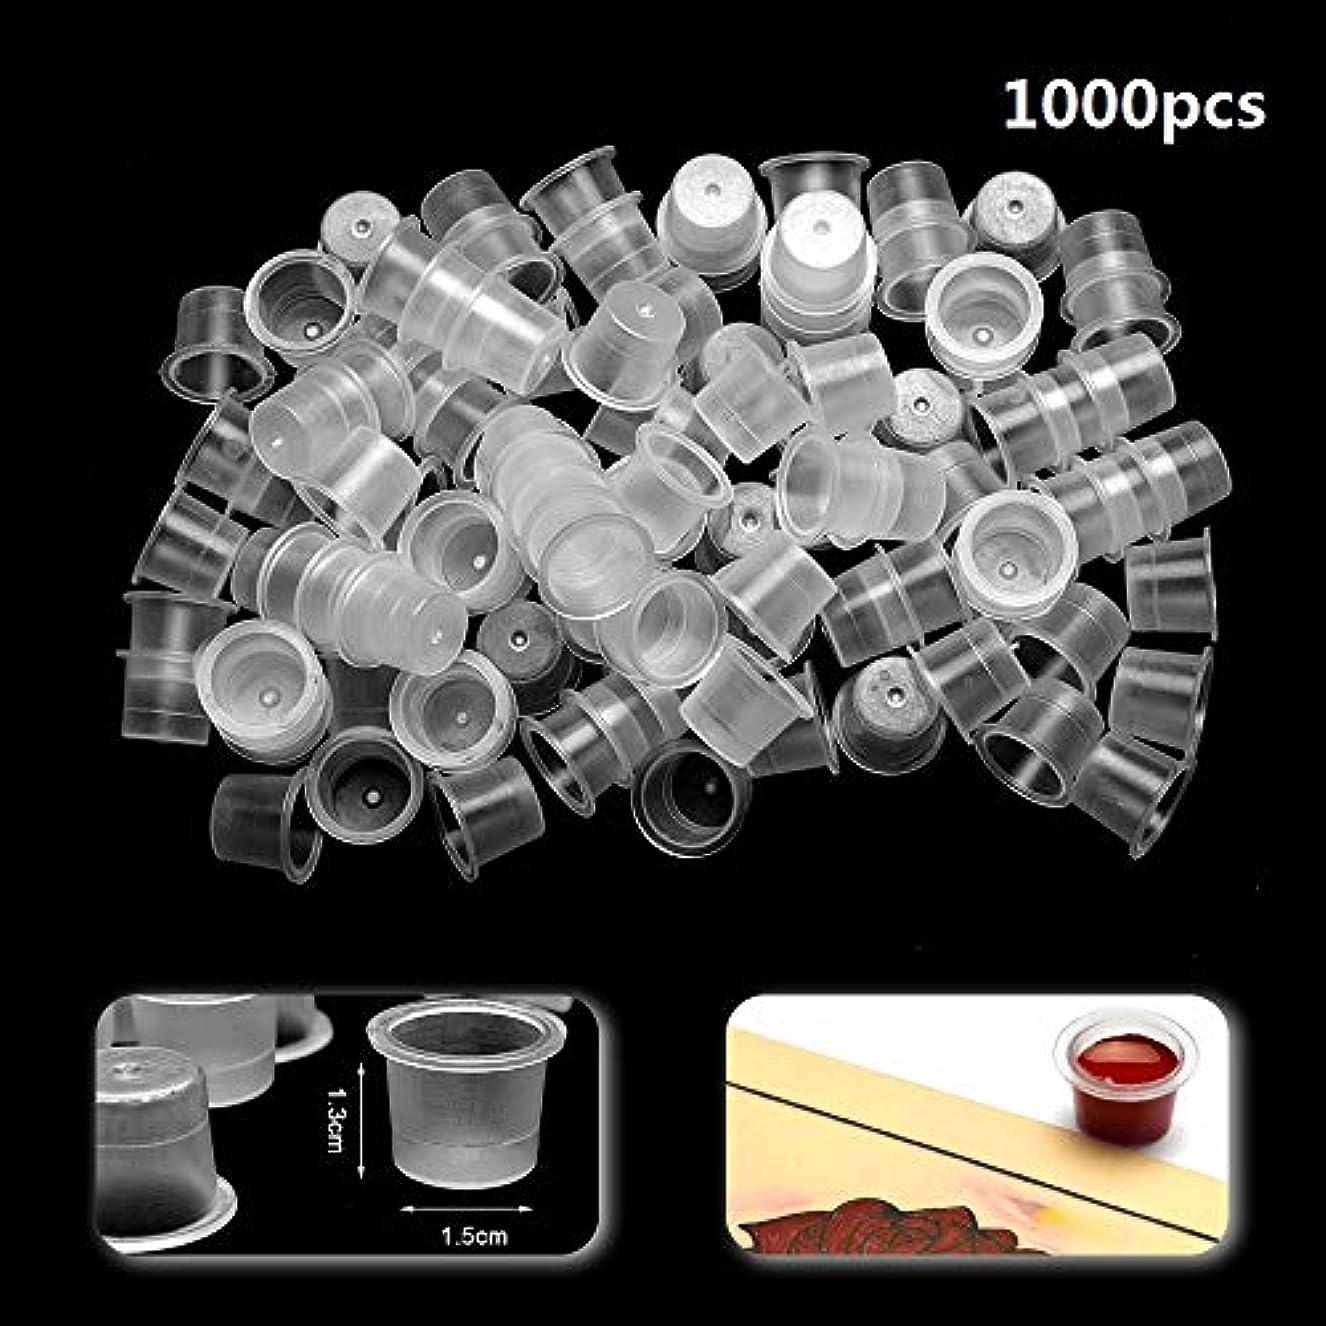 積極的に改修アイザックATOMUS インクキャップ、タトゥーインクカップ、使い捨て永久的な眉毛入れ墨ピグメントコンテナ、0.8cm 1.3cm 1.5cm 100個-1000個セット (1.5cm 1000pcs)